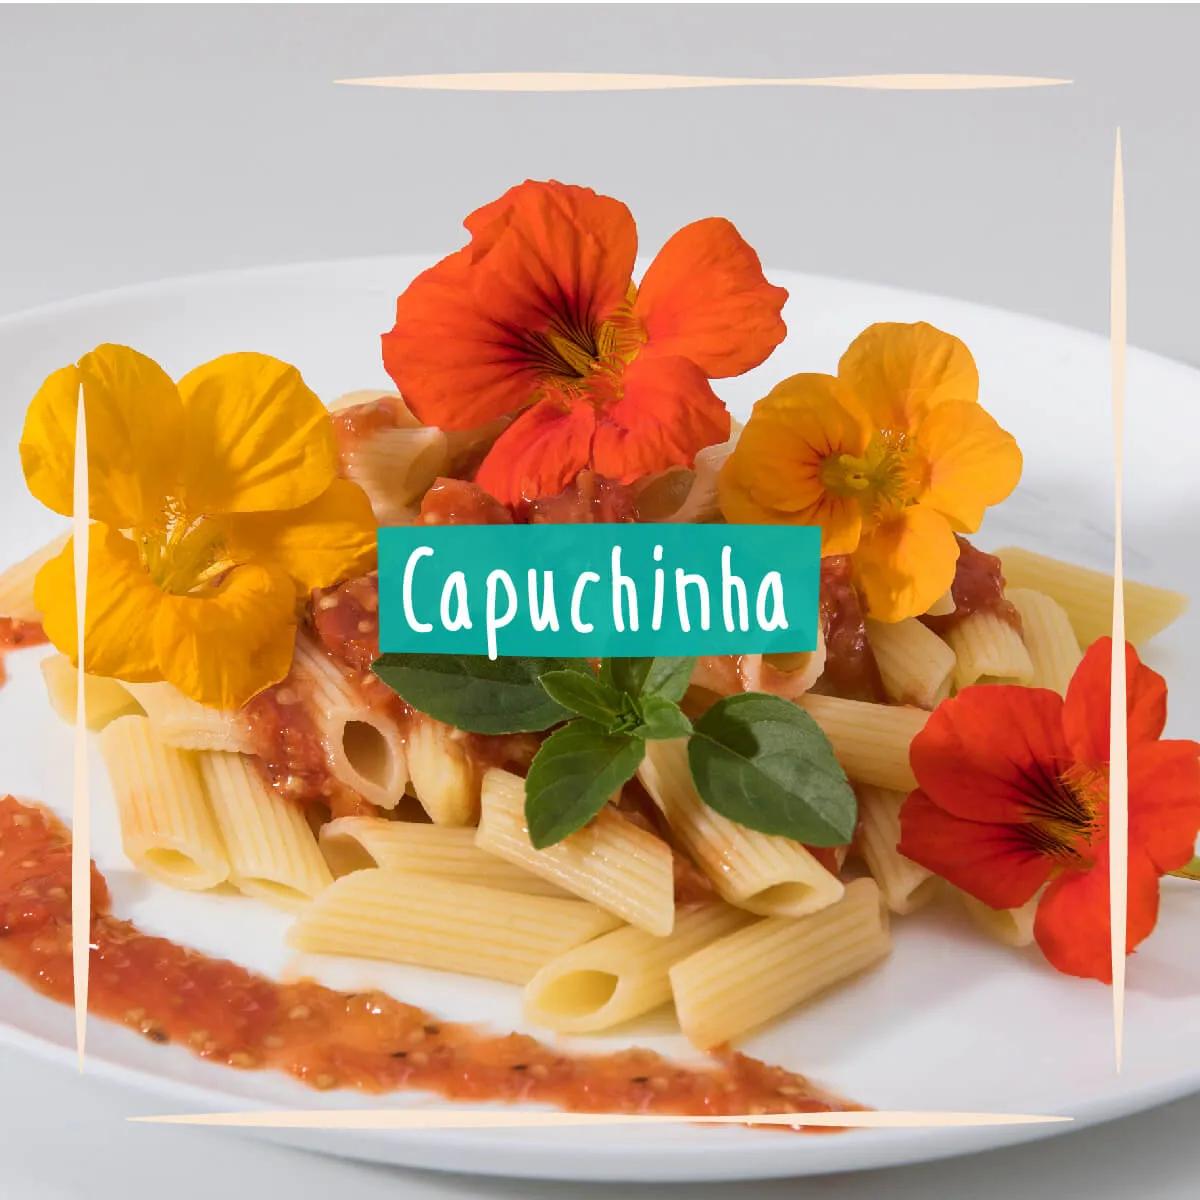 Sementes para plantar Capuchinha Comestível  - Vasos Raiz Loja Oficial